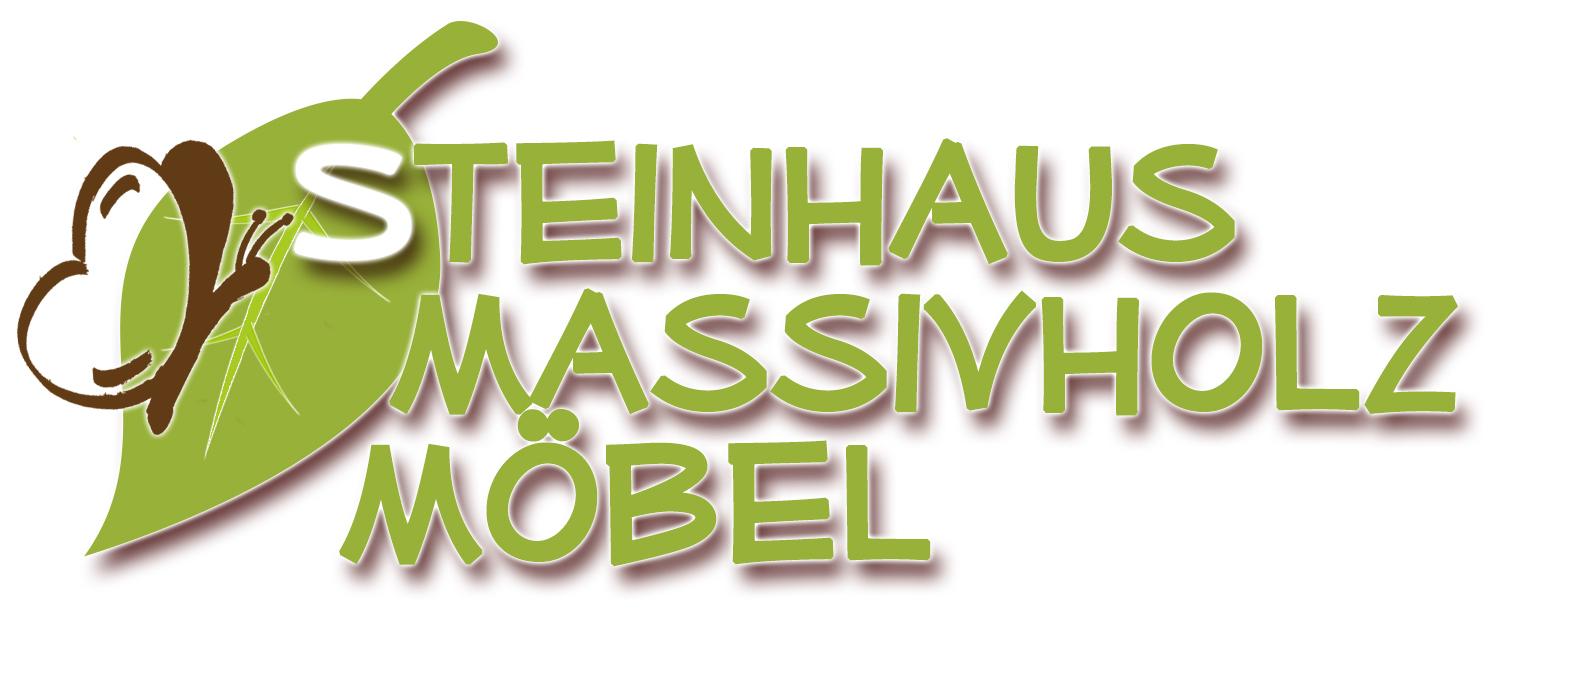 www.steinhaus-massivholzmoebel.shop